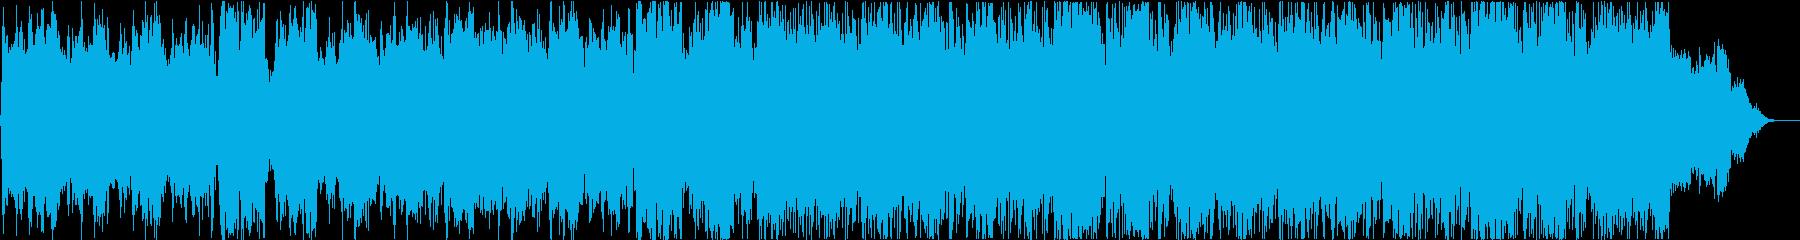 ブレイクビーツ アンビエント 神経...の再生済みの波形